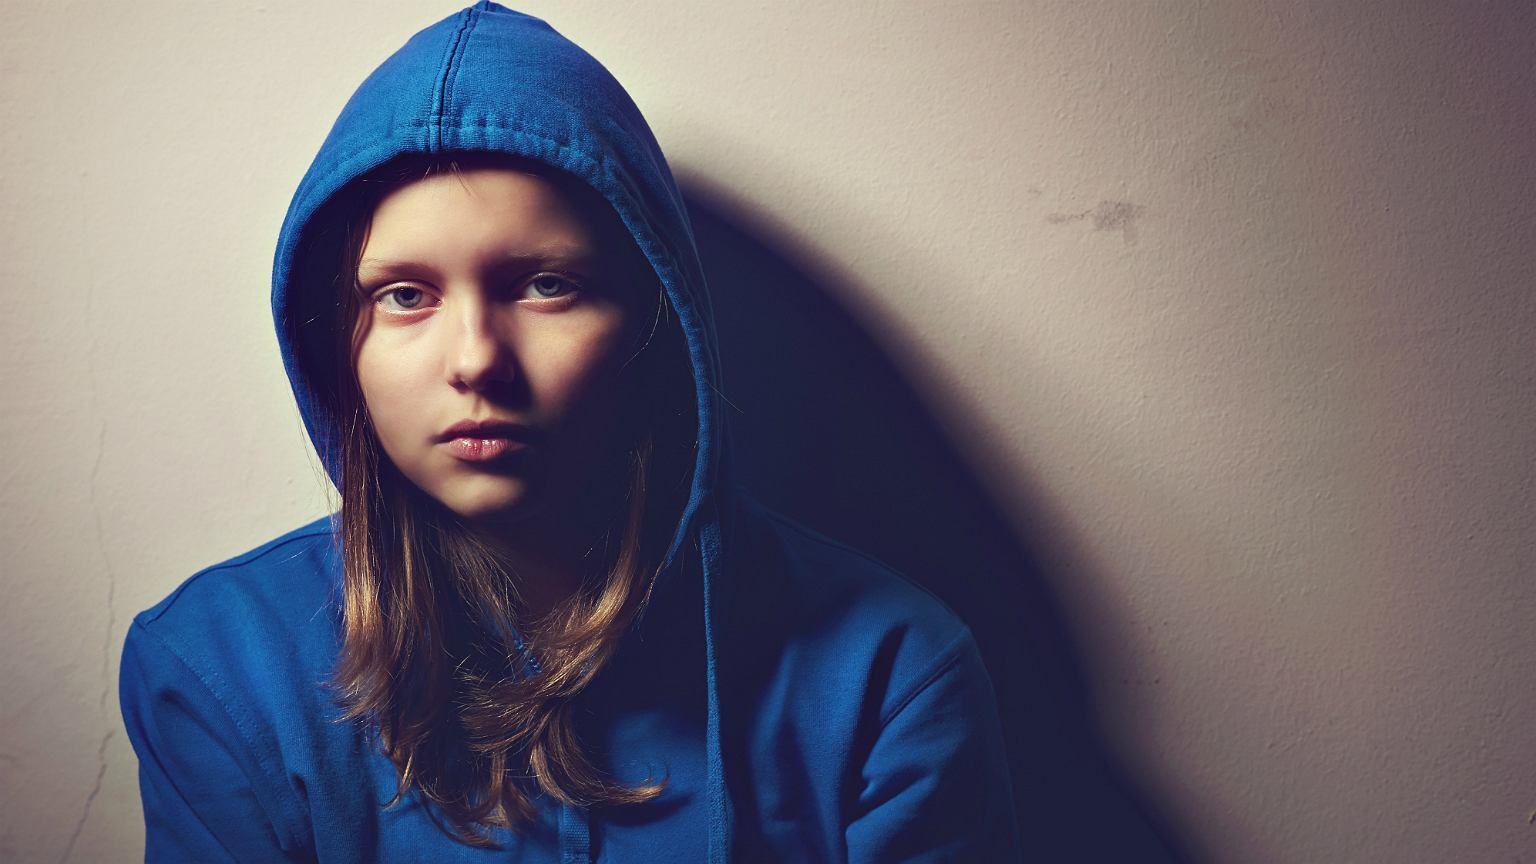 Coraz więcej polskich nastolatków się okalecza